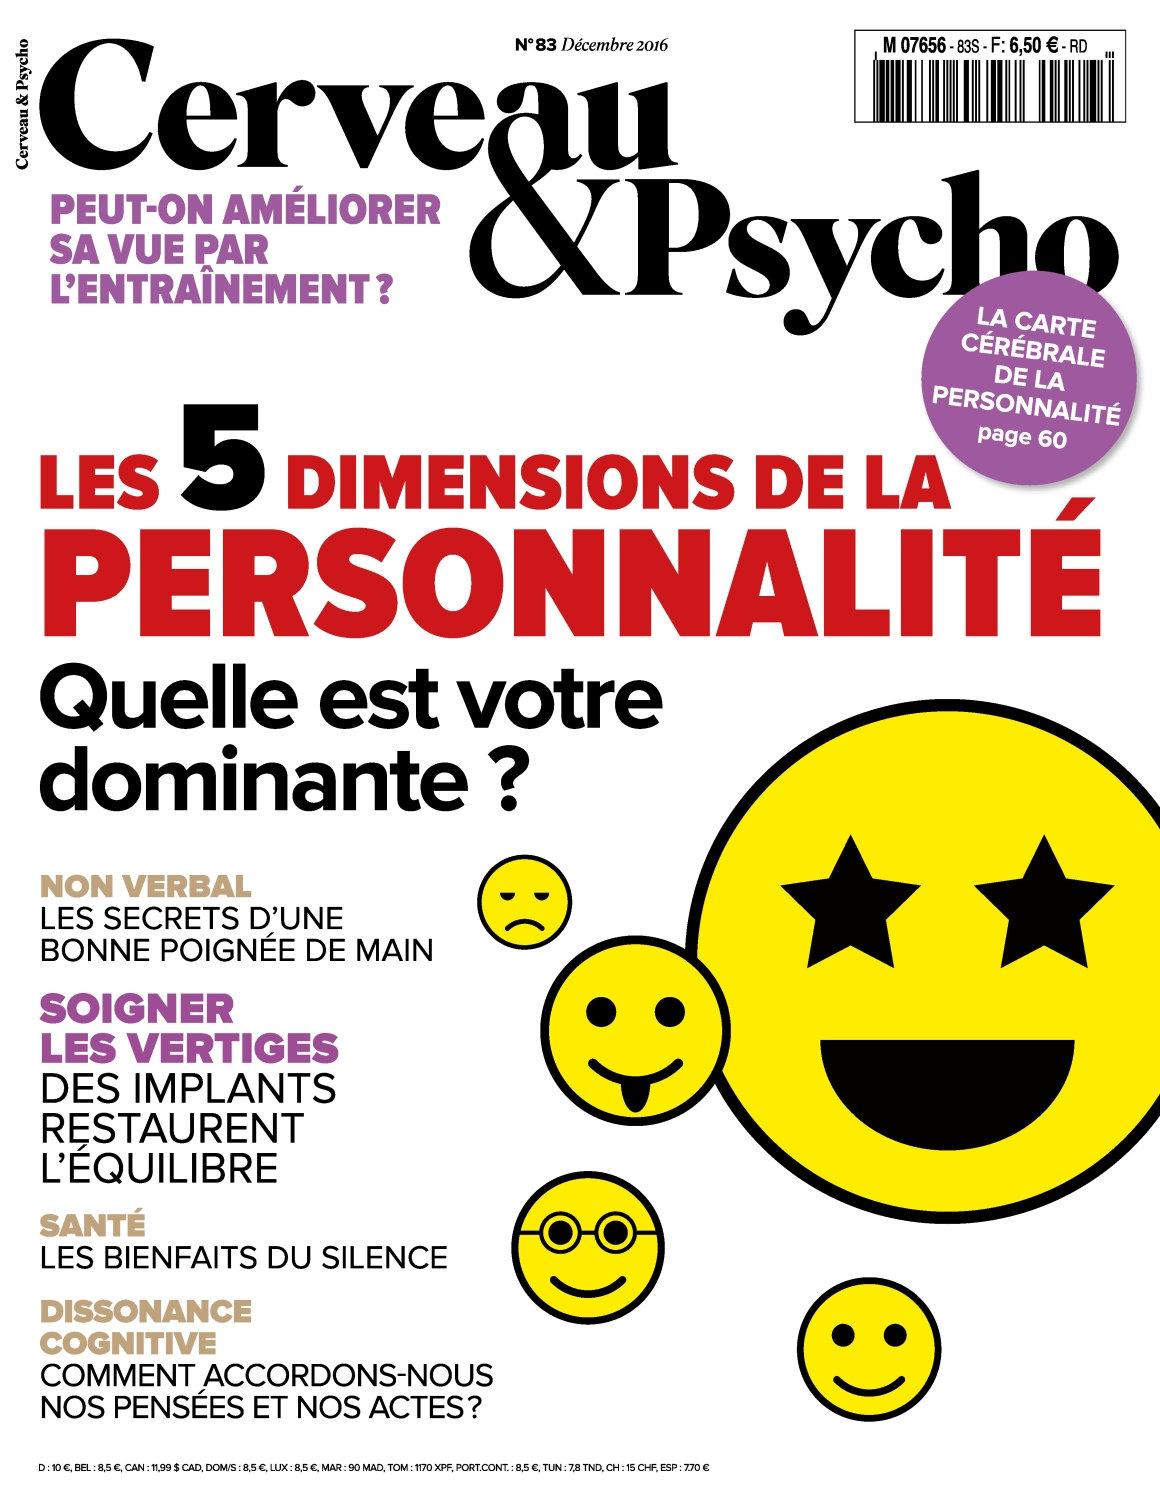 Cerveau & Psycho 83 - Décembre 2016